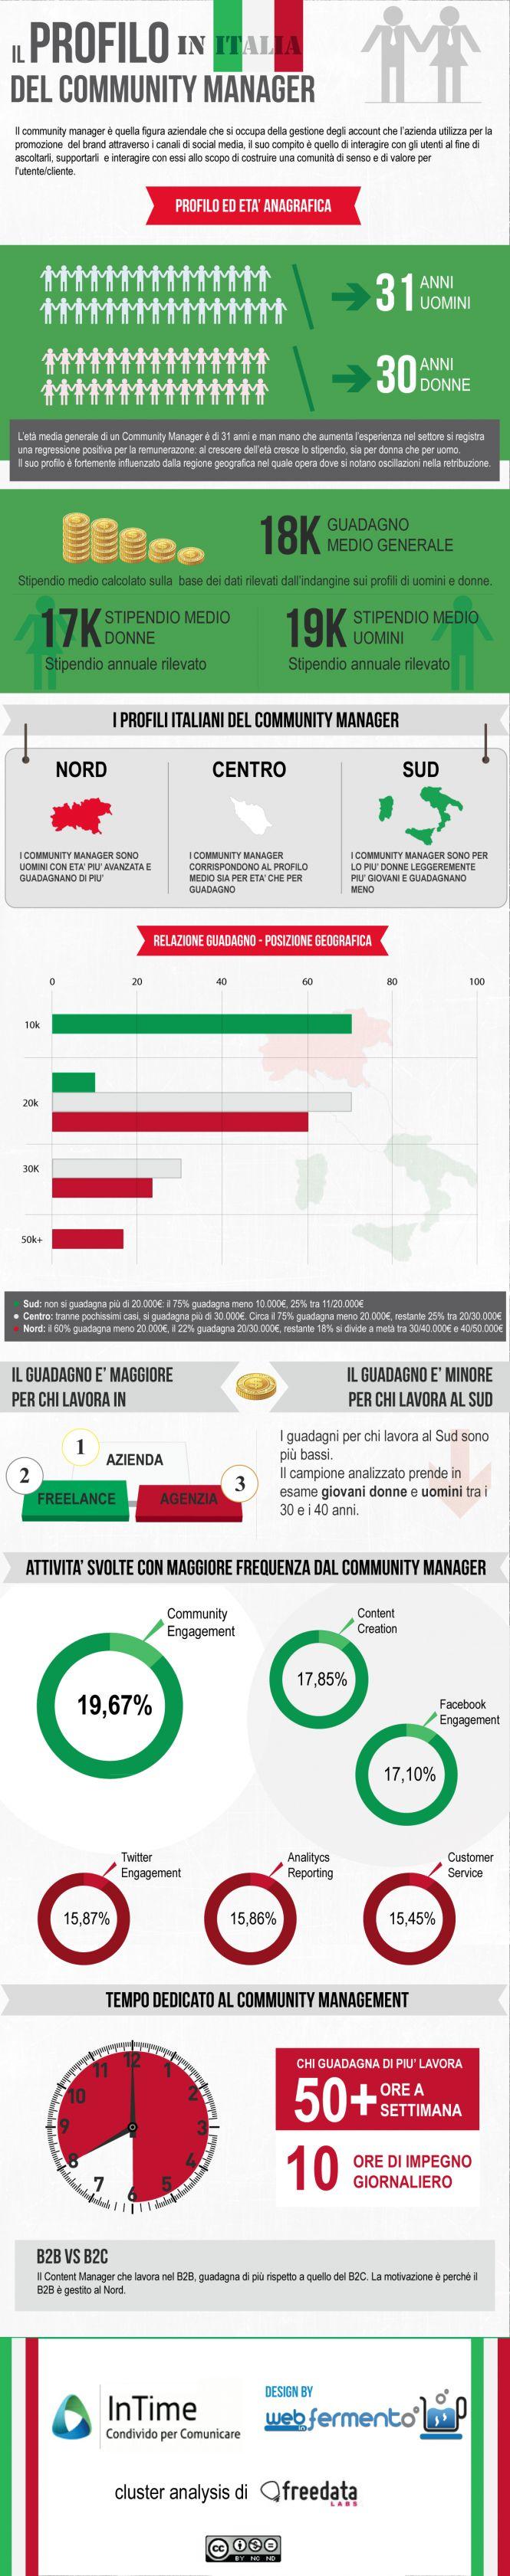 Il Profilo del Community Manager in Italy #infographic